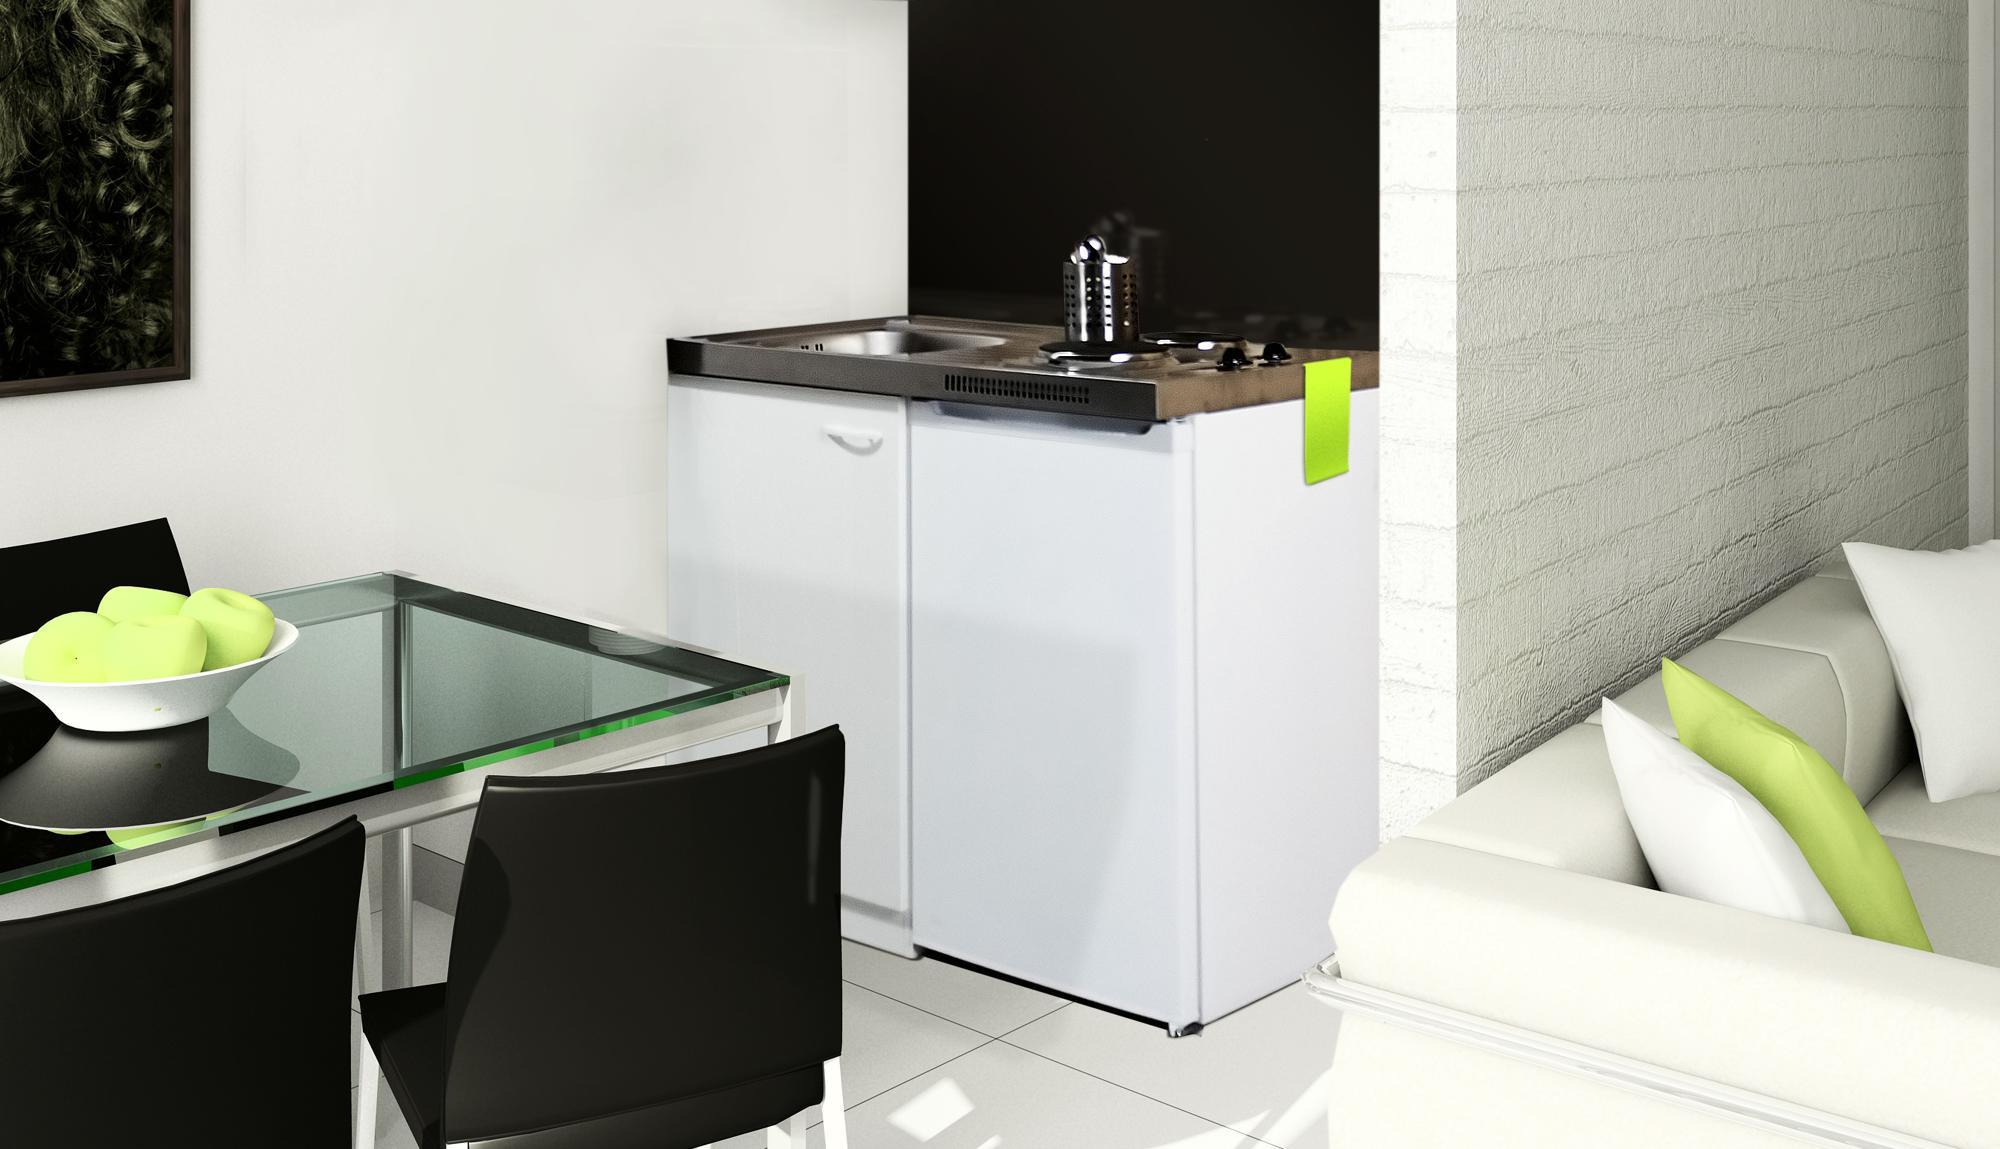 Full Size of Miniküchen Respekta Pantry 100sv Minikche Mit Khlschrank Wohnzimmer Miniküchen